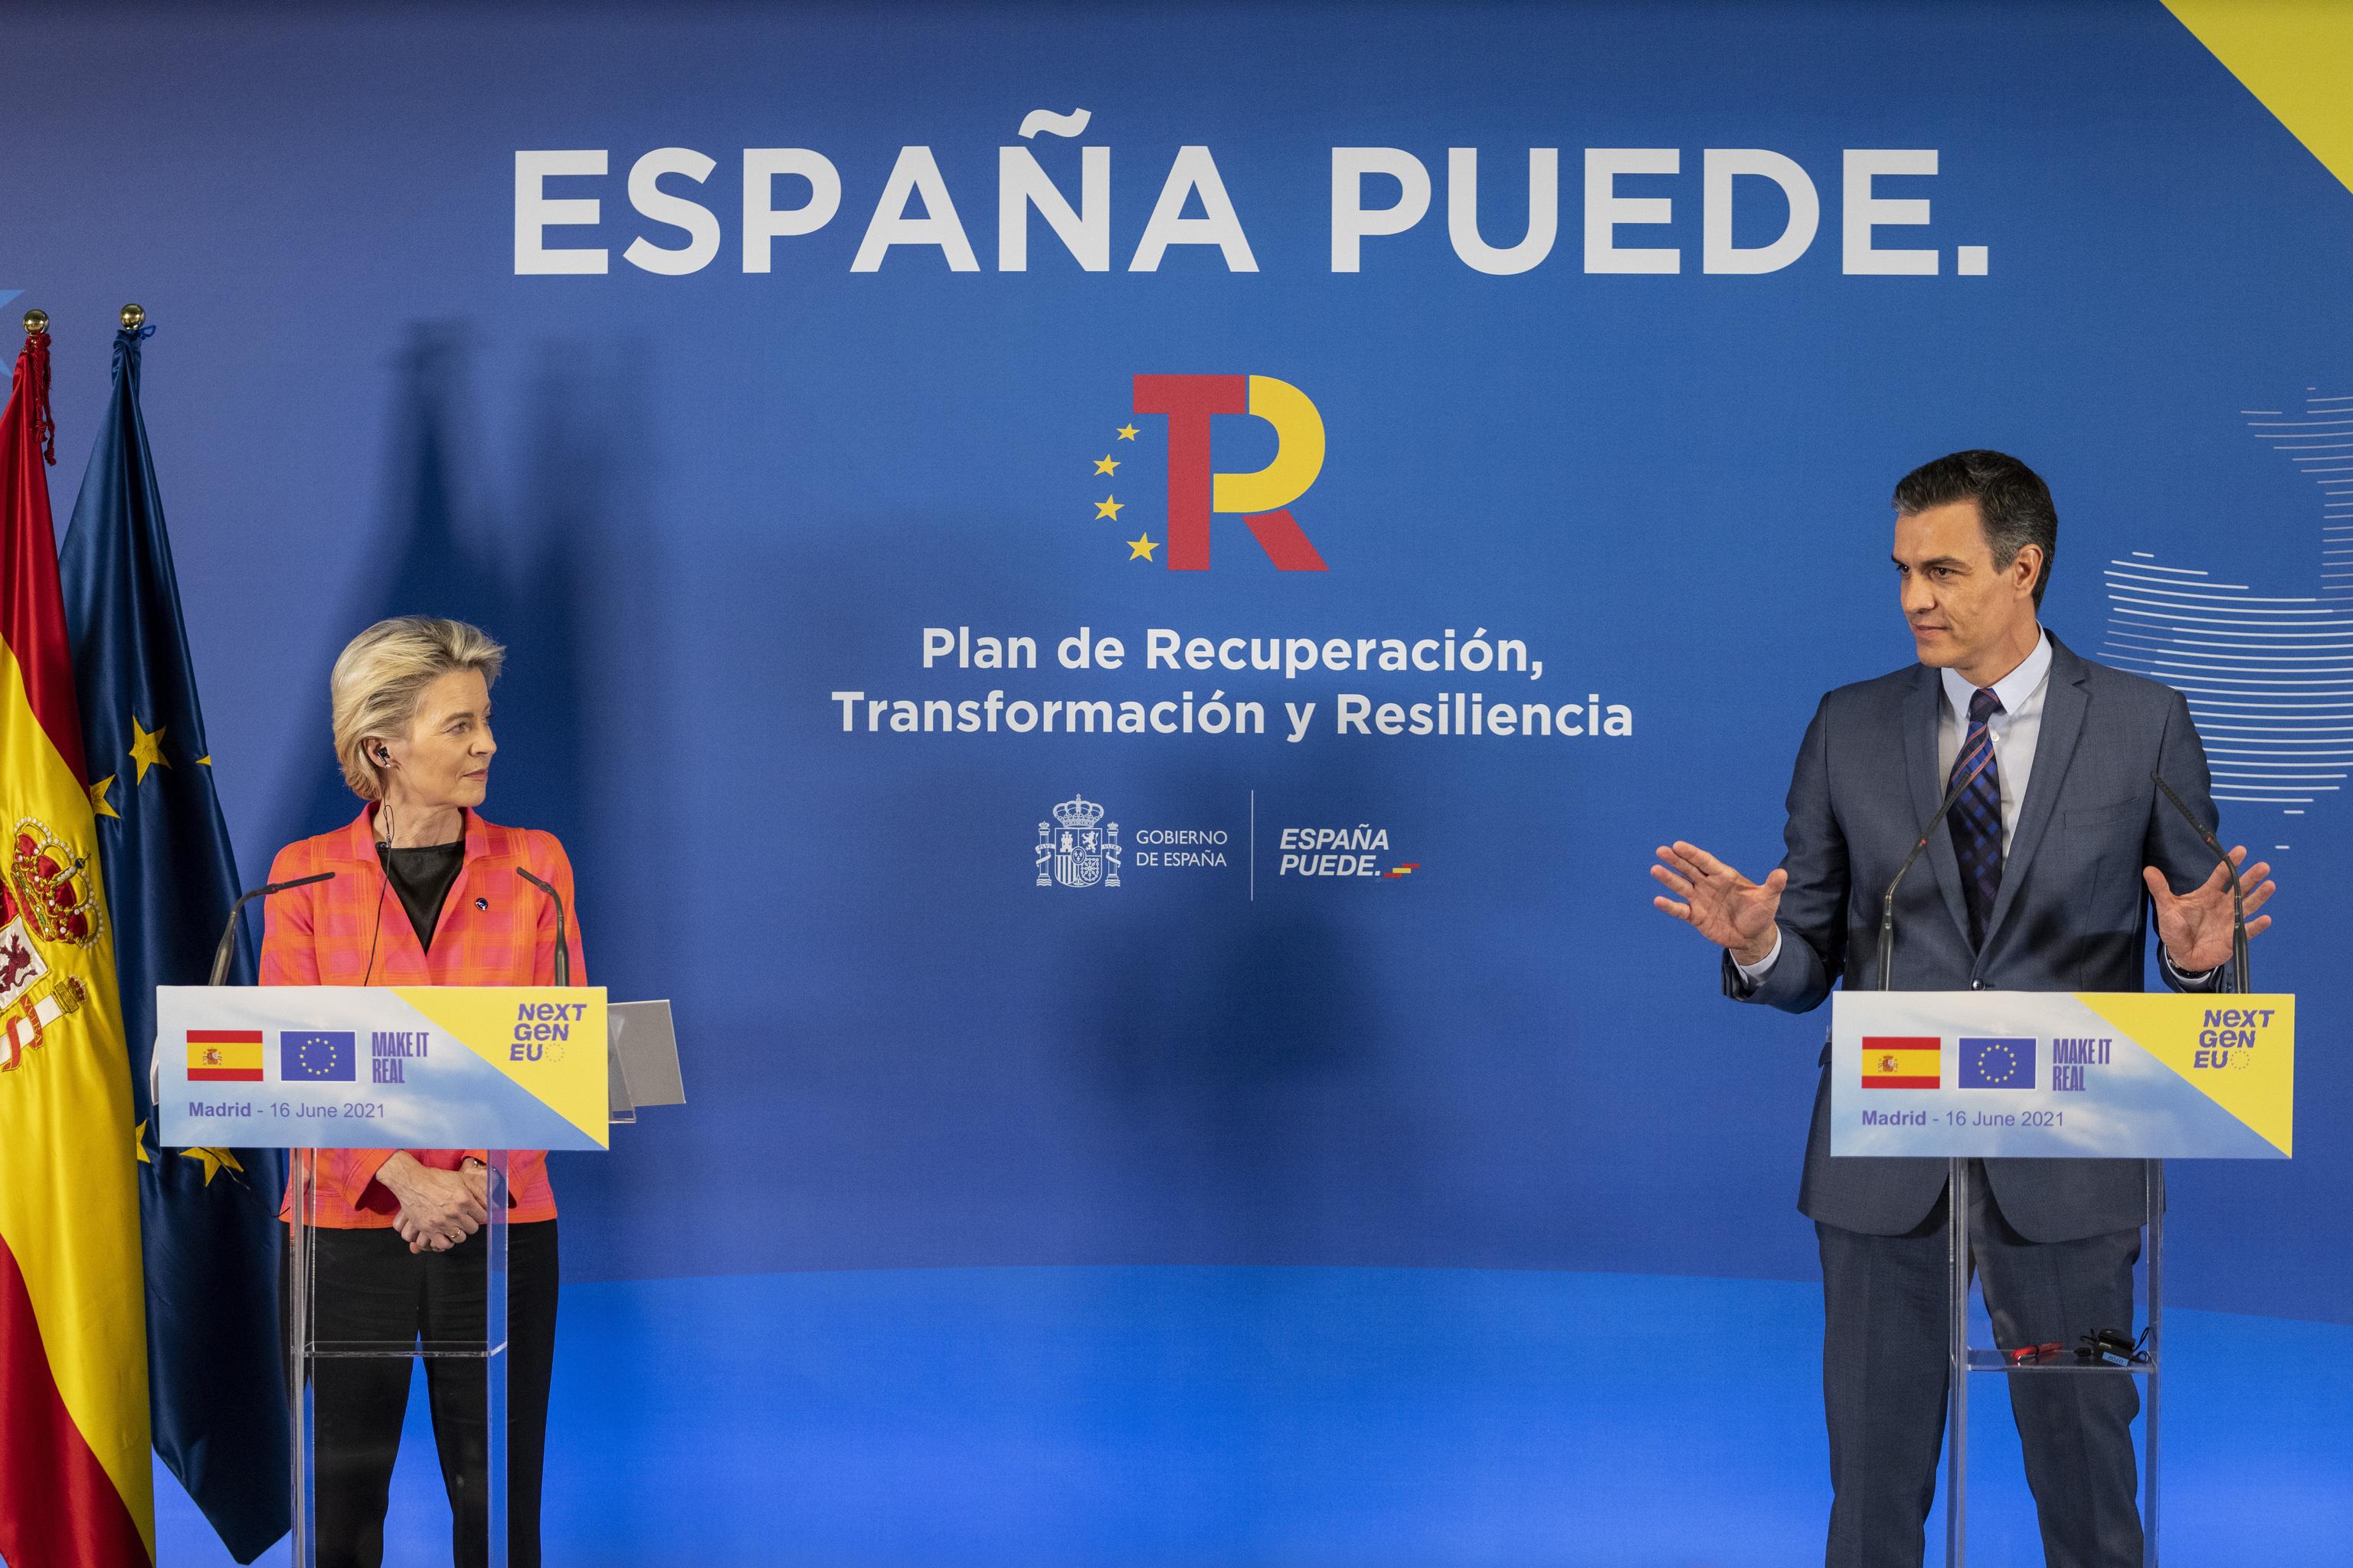 La mitad de los españoles cree que los fondos europeos no mejorarán su situación económica